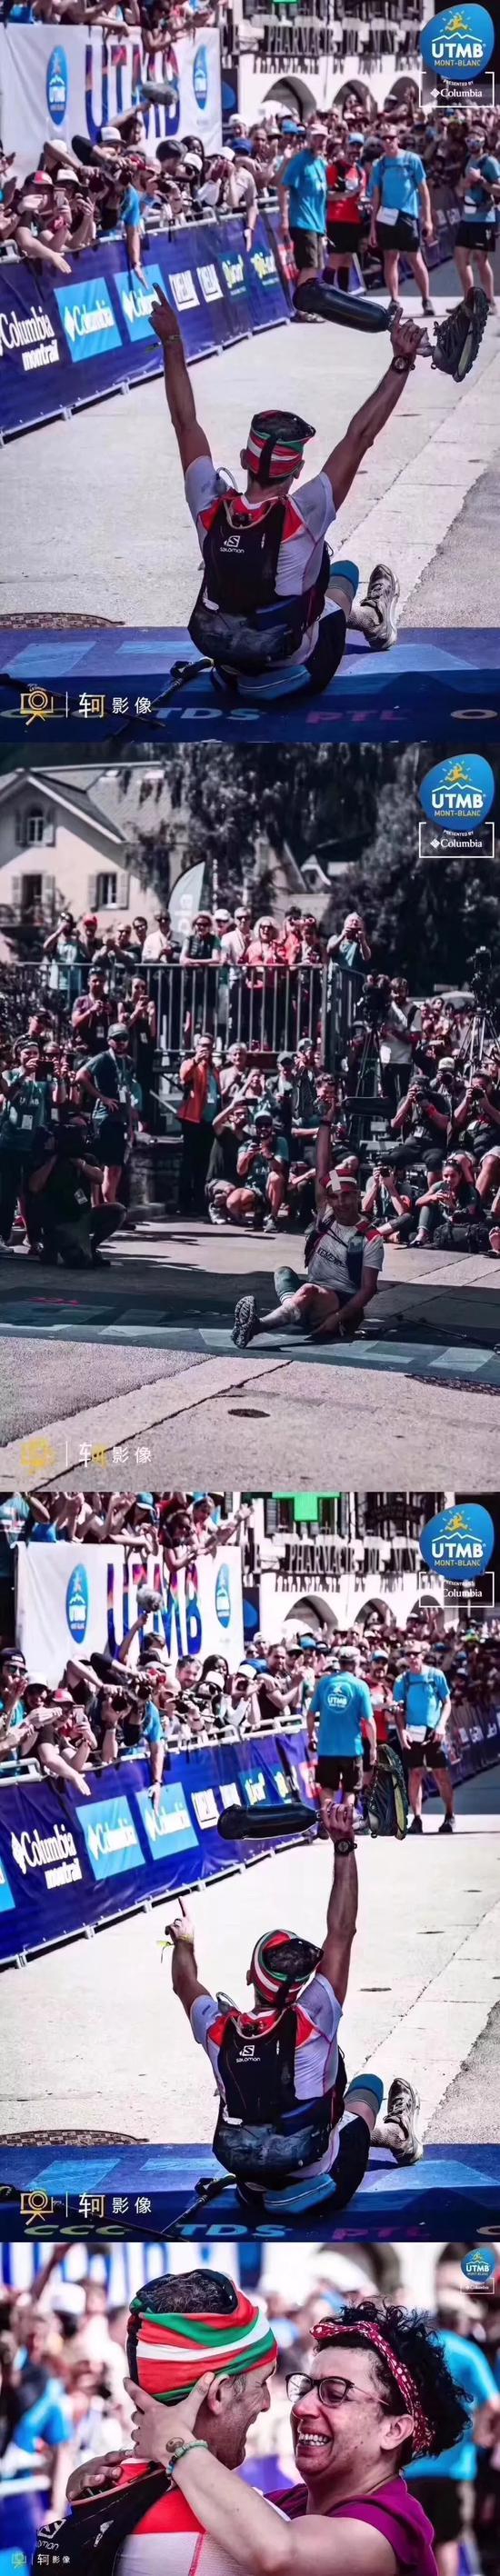 独腿侠百公里比赛:UTMB总能让人饱含热泪